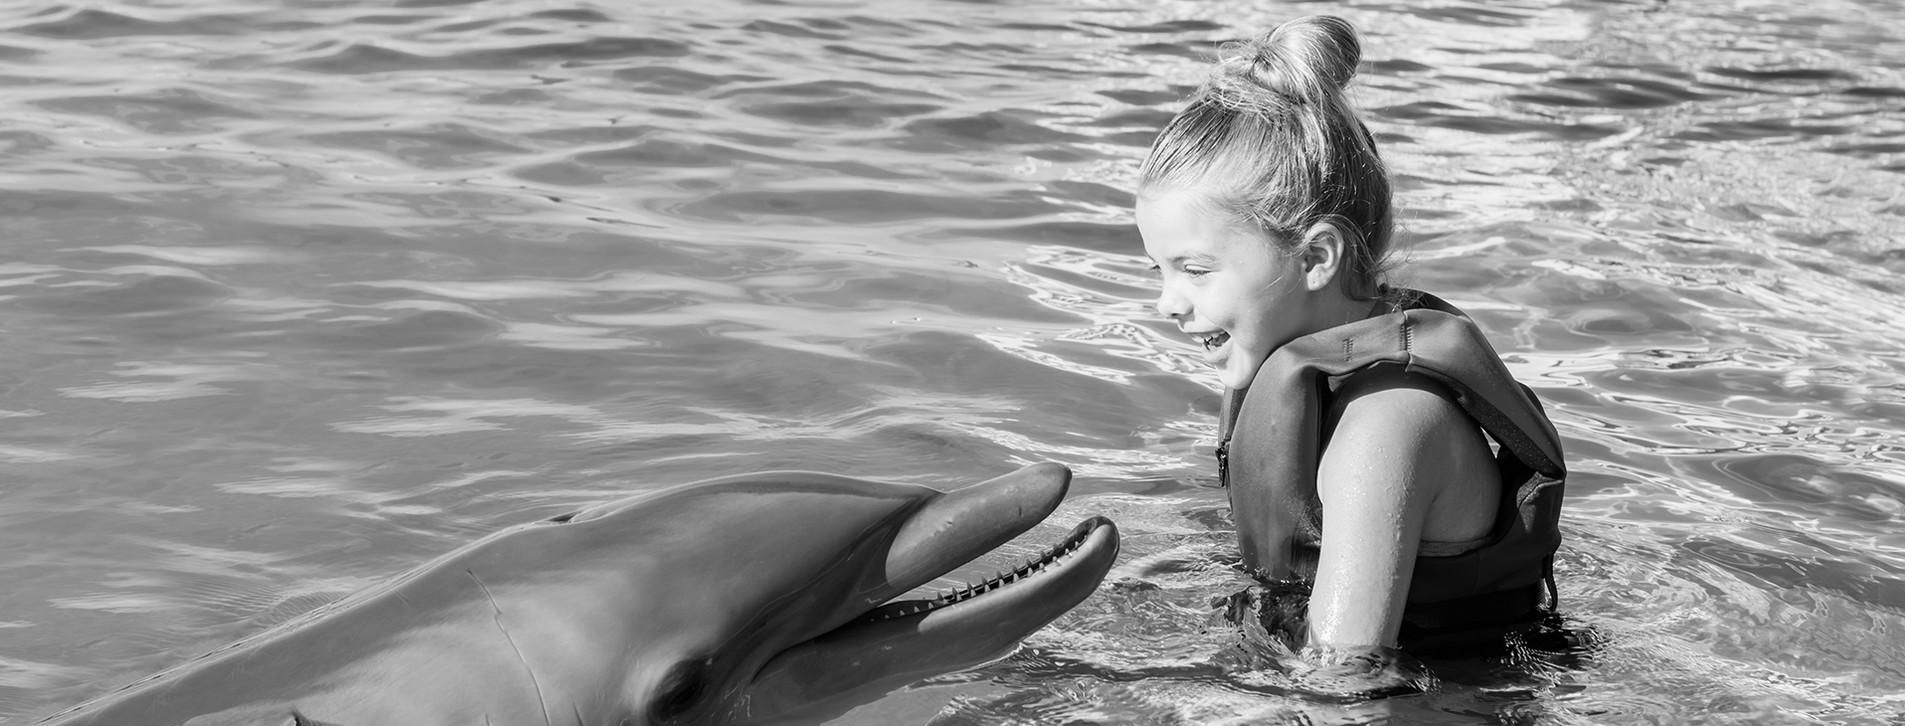 Фото 1 - Знакомство с дельфинами